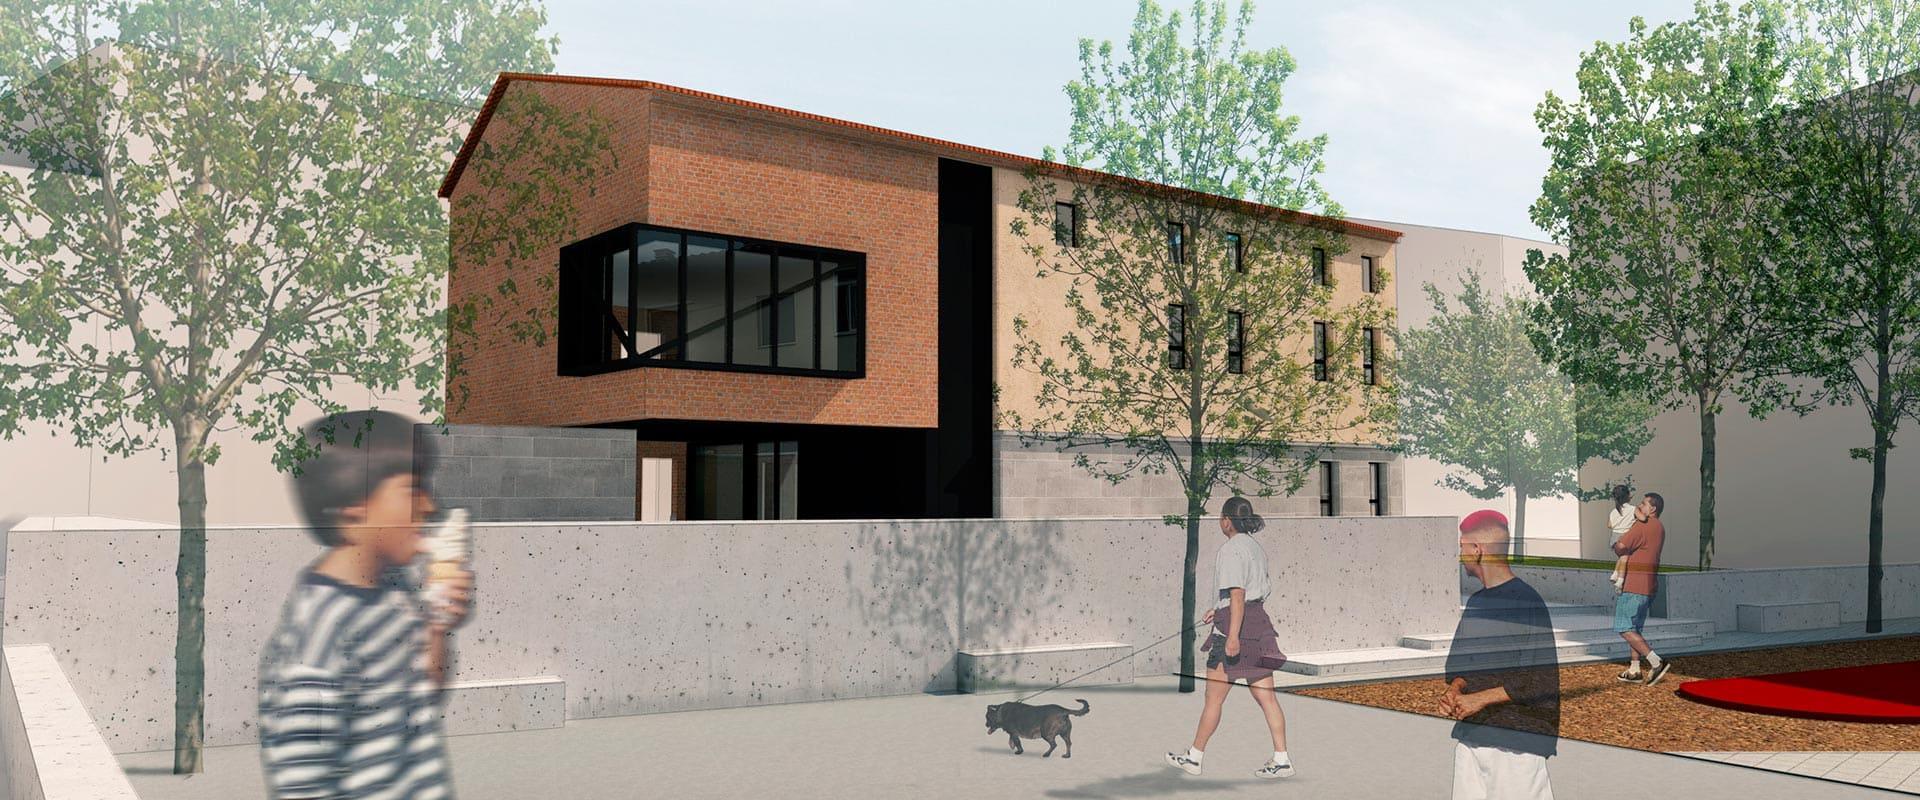 diseño y arquitectura de Edificio multiusos monzon